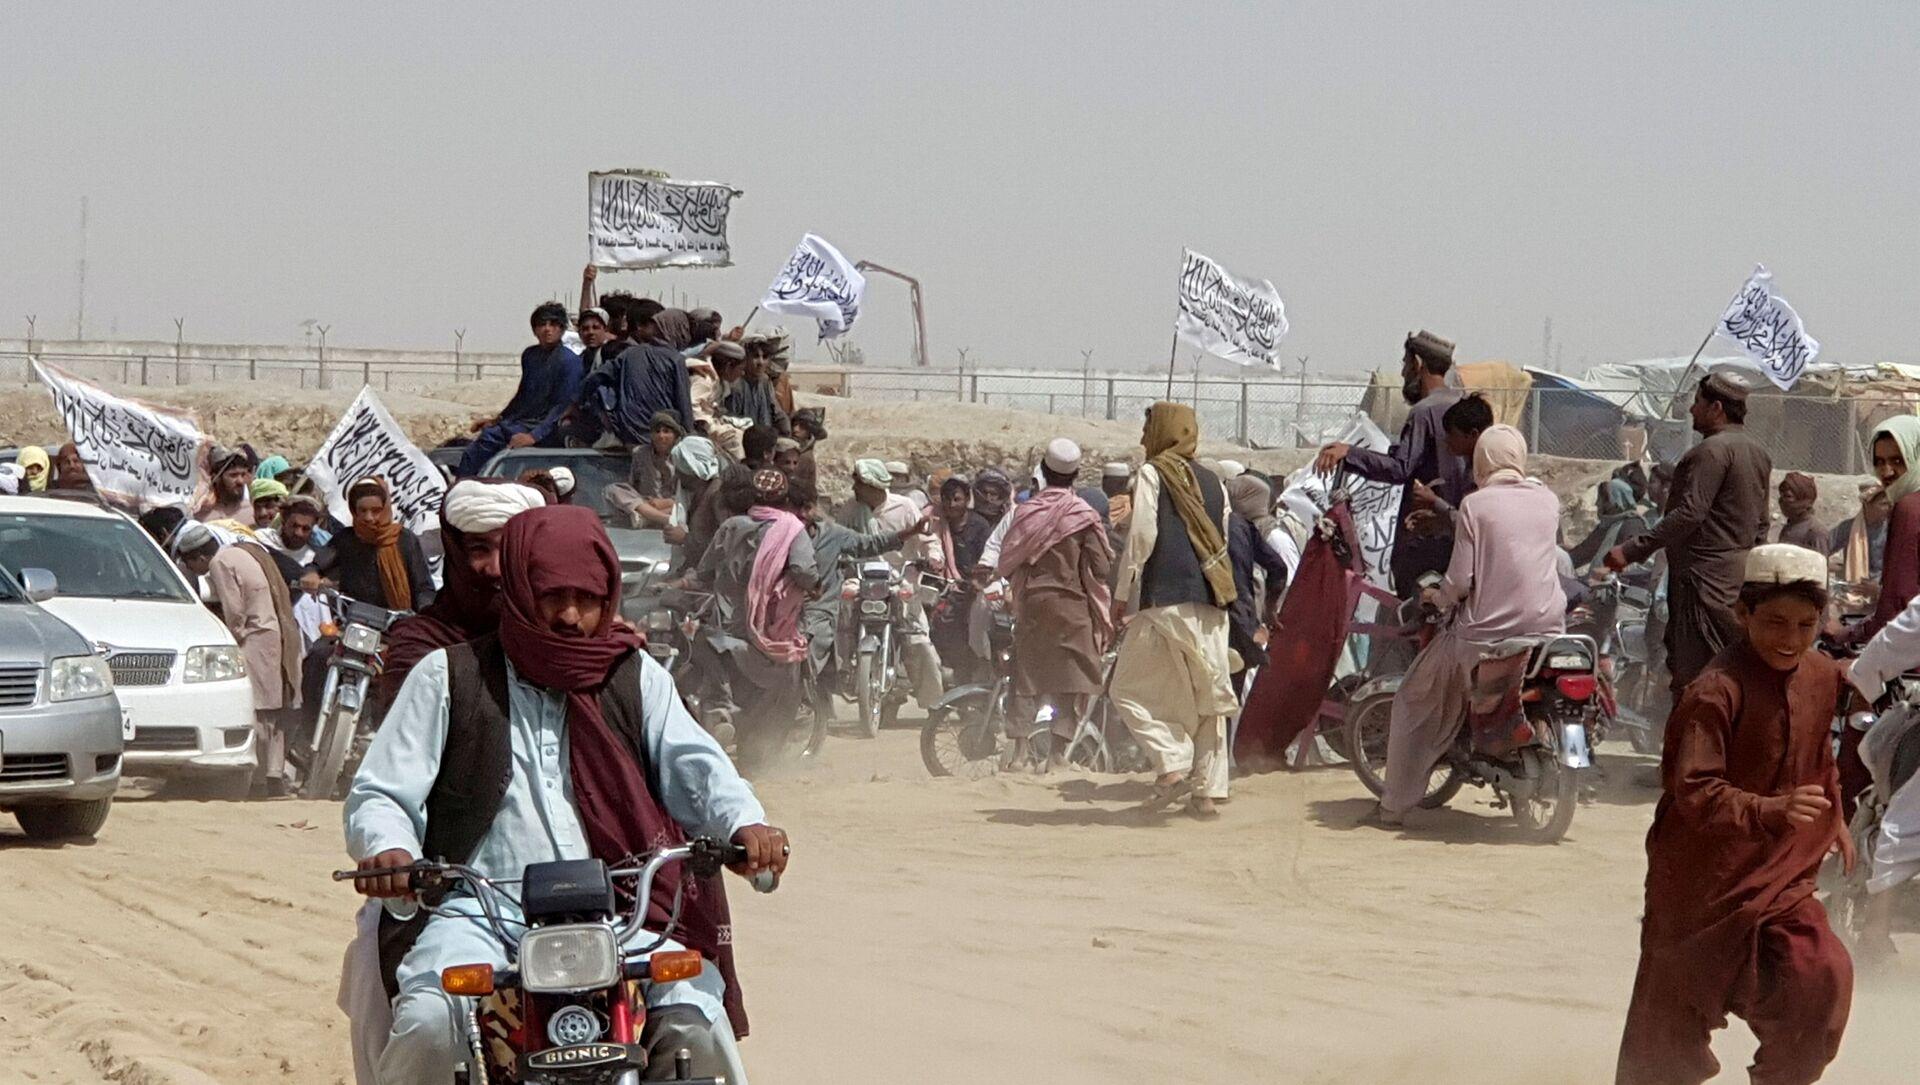 Những người trên xe, cầm cờ Taliban, tụ tập gần điểm qua Cổng Hữu nghị ở thị trấn biên giới Pakistan-Afghanistan của Chaman, Pakistan ngày 14 tháng 7 năm 2021 - Sputnik Việt Nam, 1920, 19.07.2021